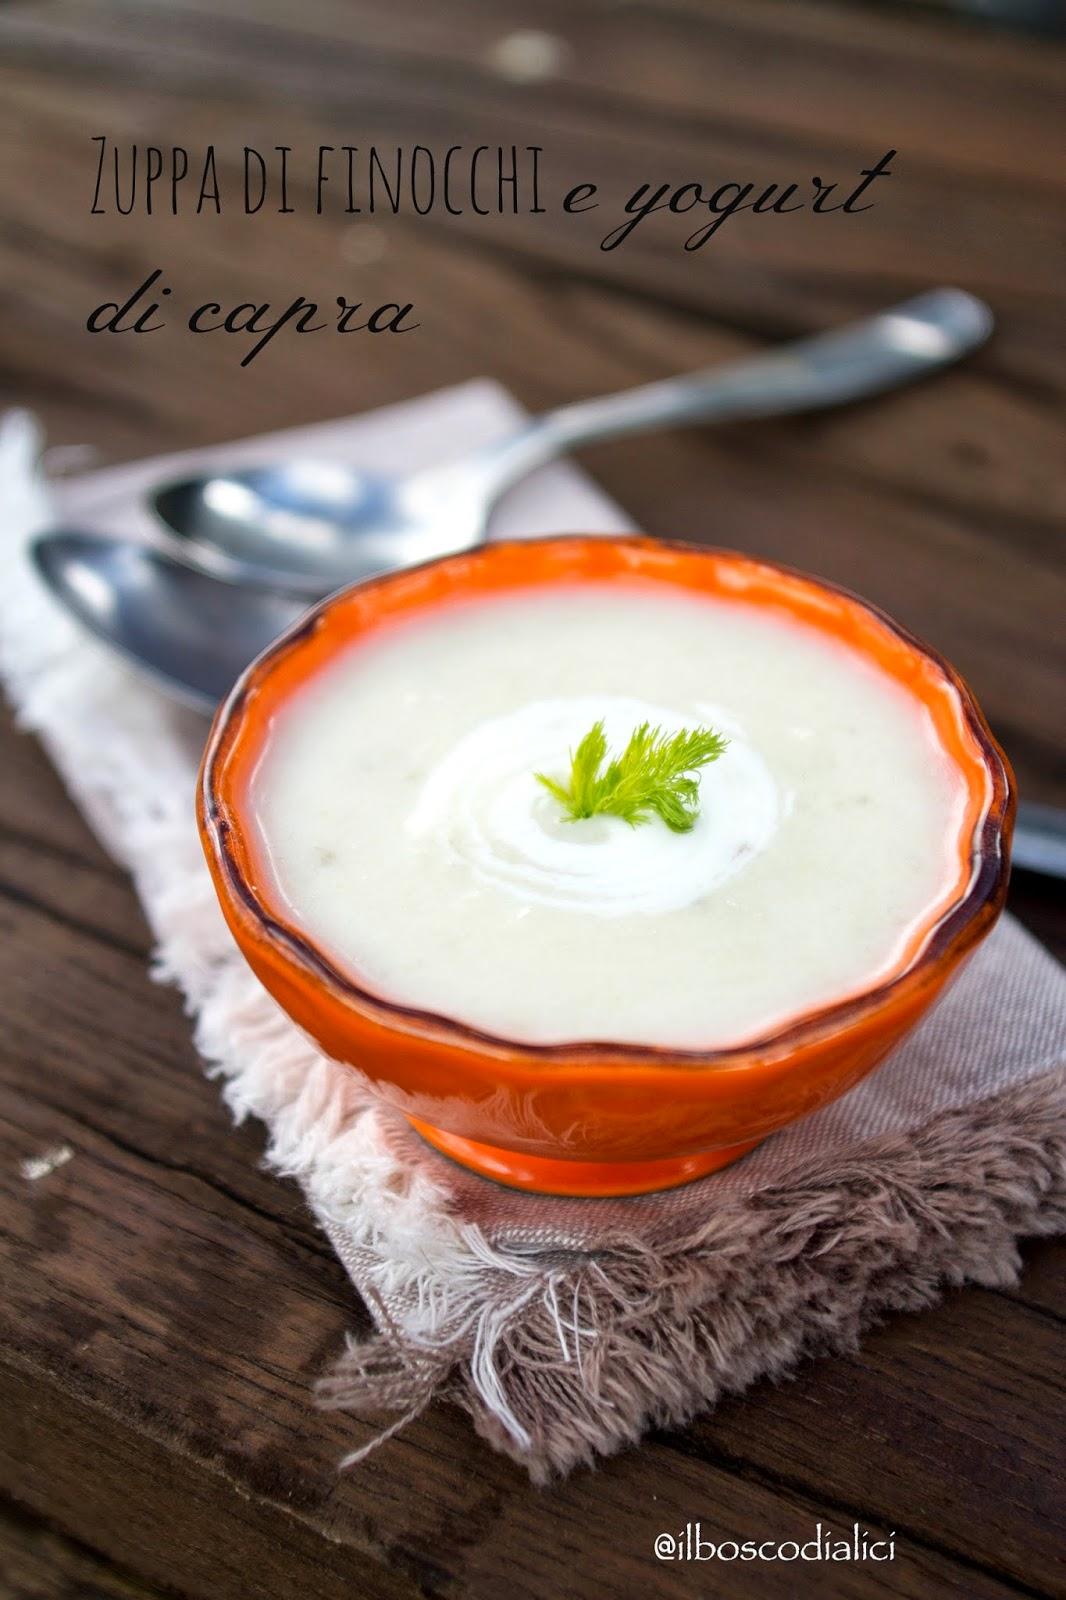 zuppa di finocchi e yogurt di capra